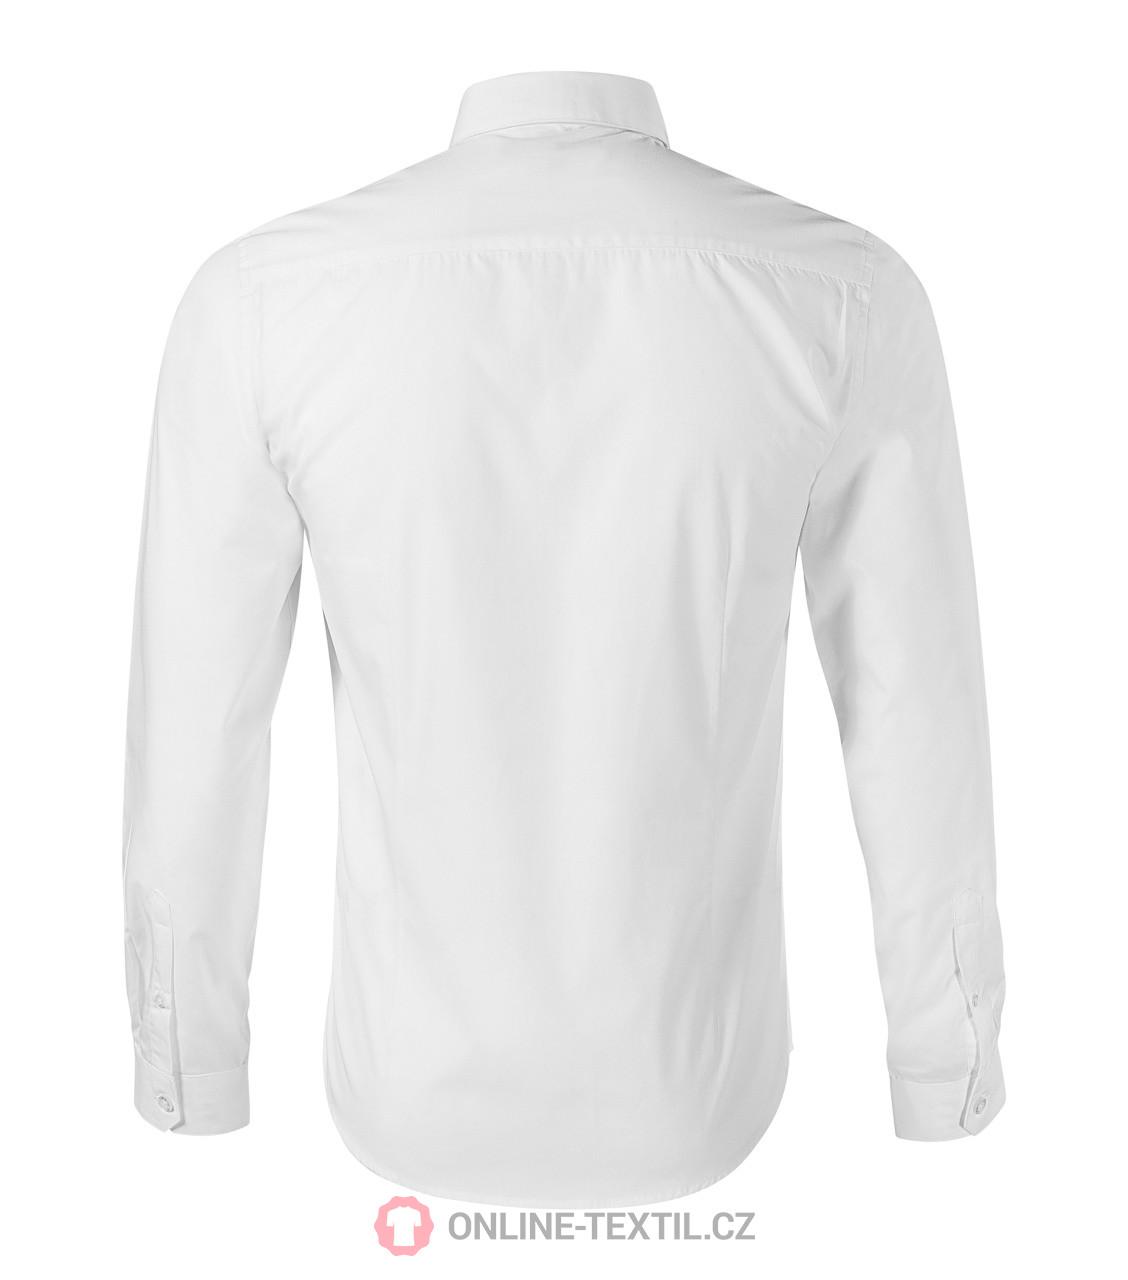 ADLER CZECH Pánská košile Malfini Premium Dynamic 262 - bílá z ... af6d01fd1f